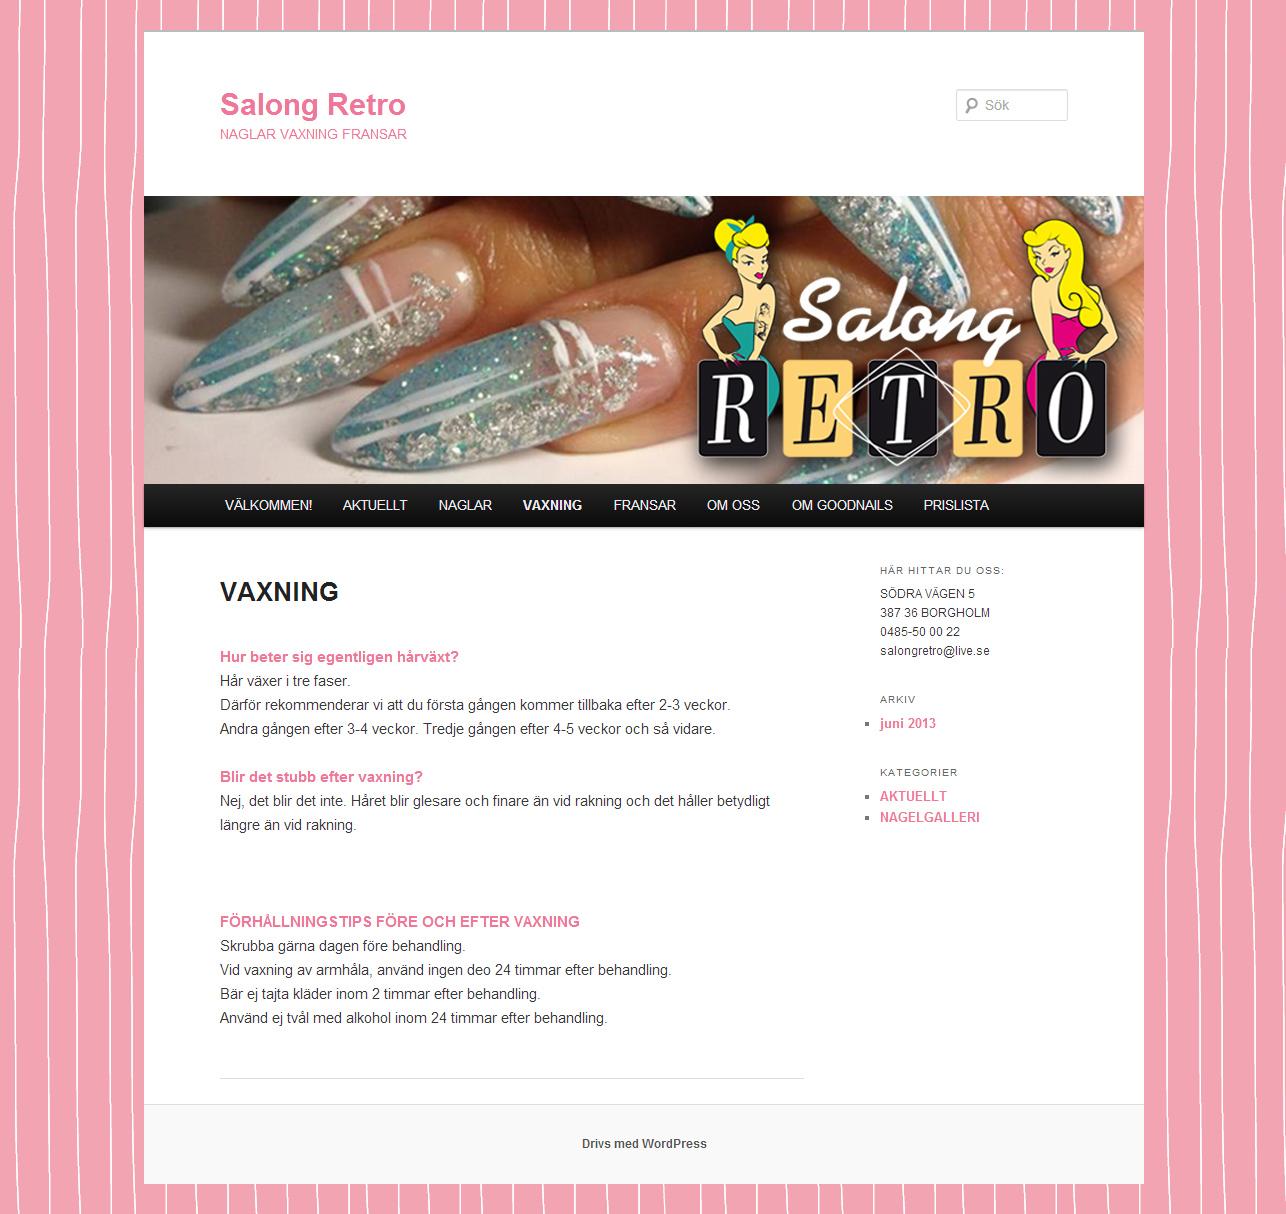 Salong Retro hemsida